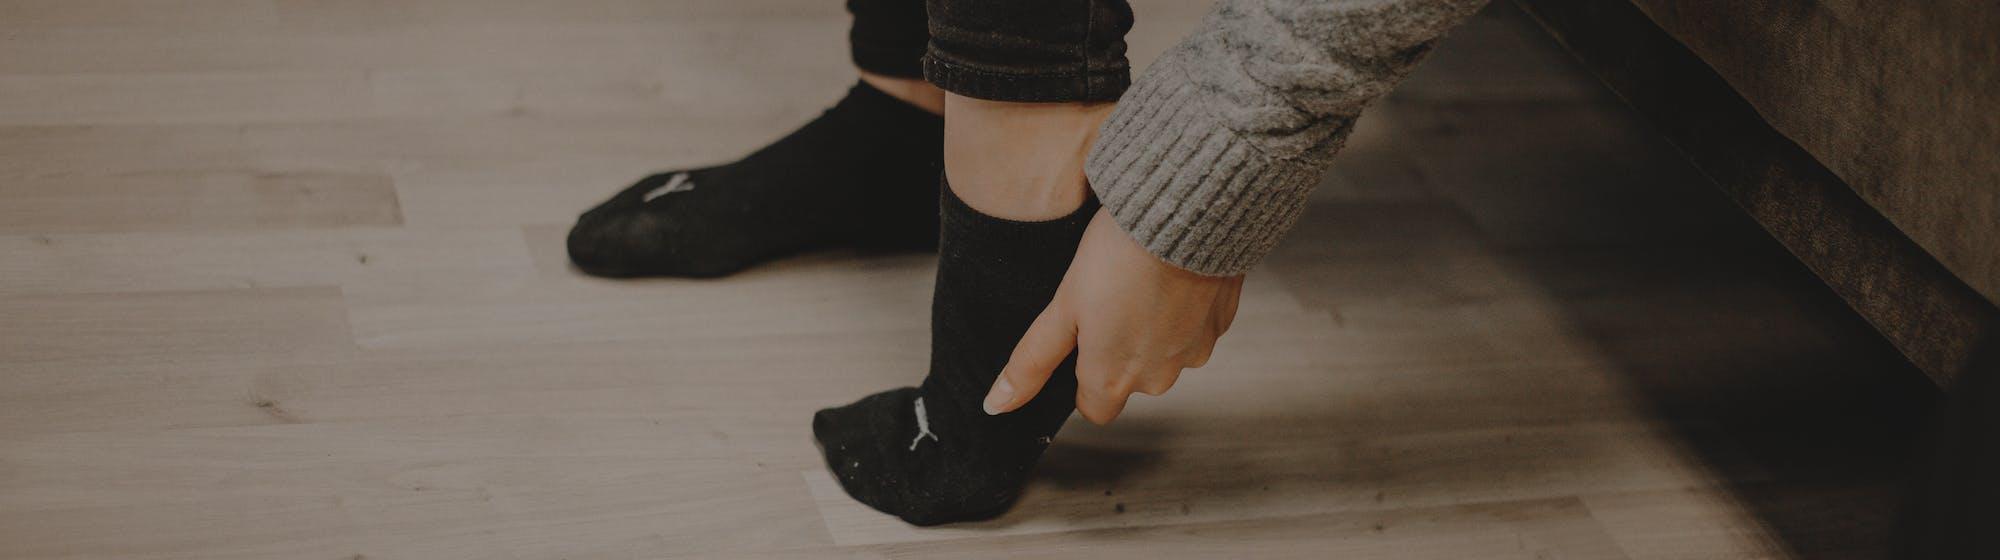 Fußschmerzen Knick-Senkfuß